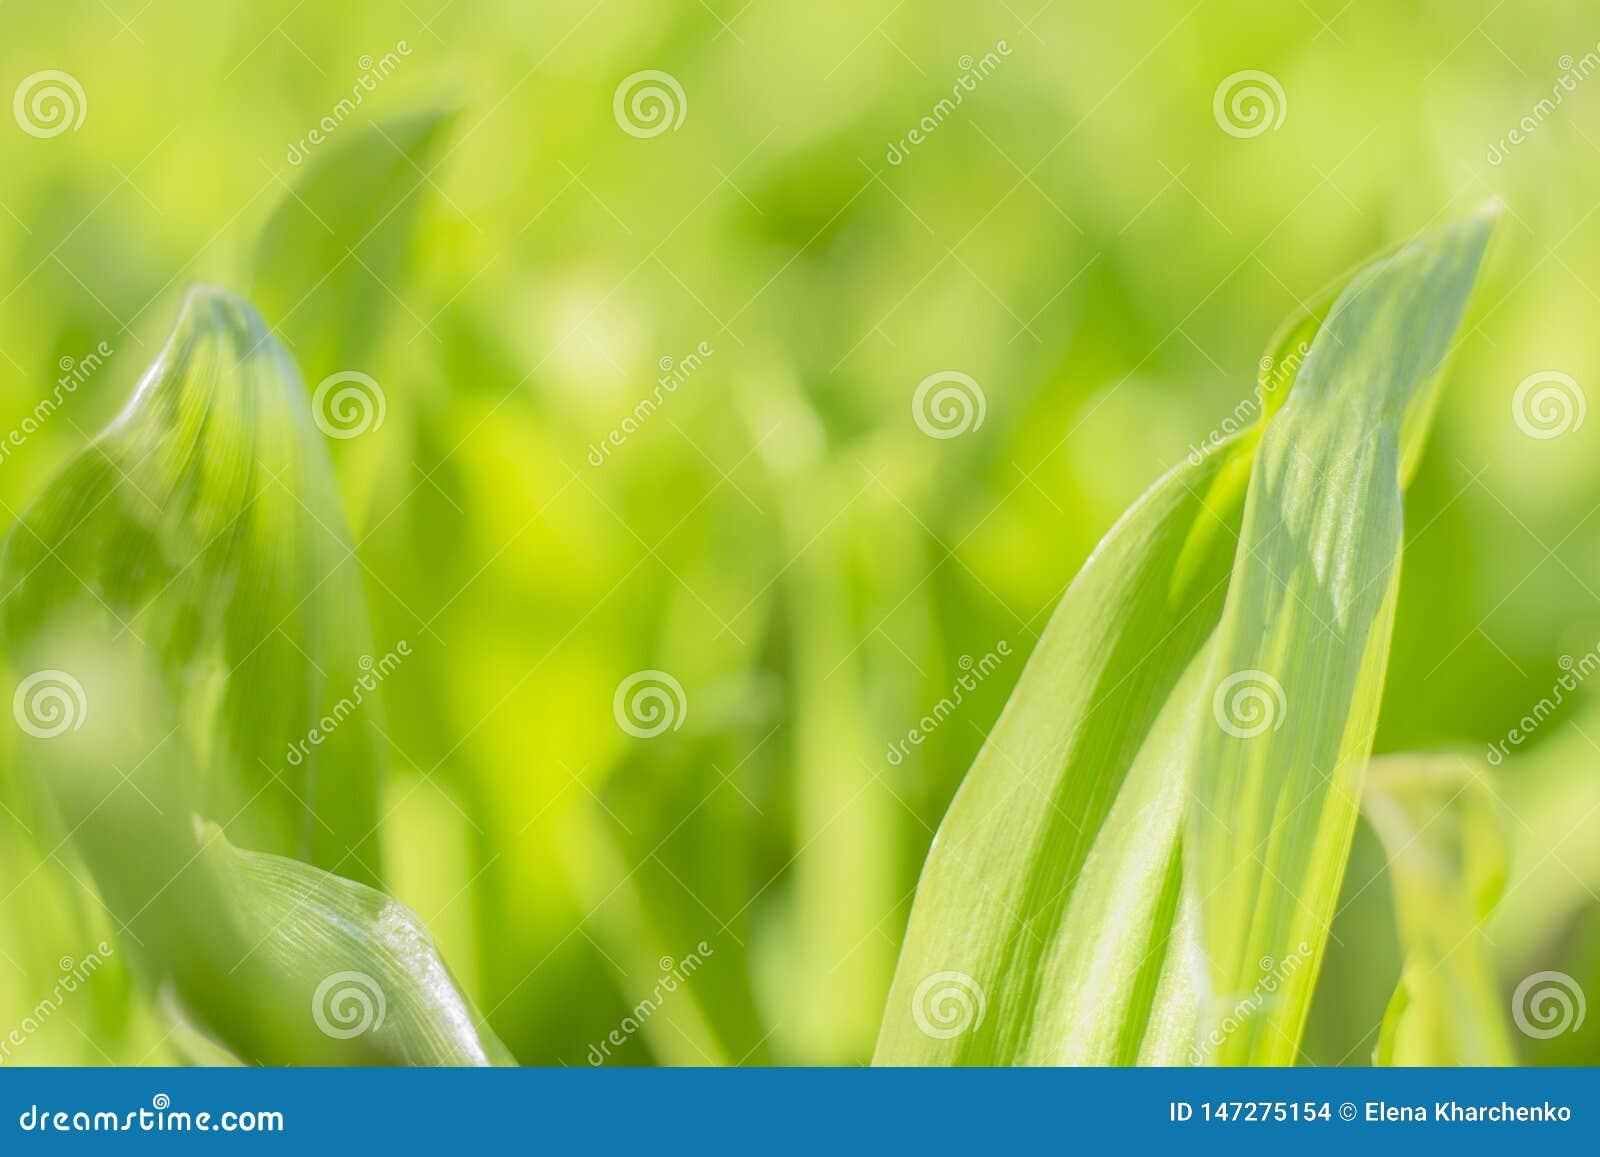 Зеленый цвет текстуры предпосылки выходит трава с запачканной предпосылкой